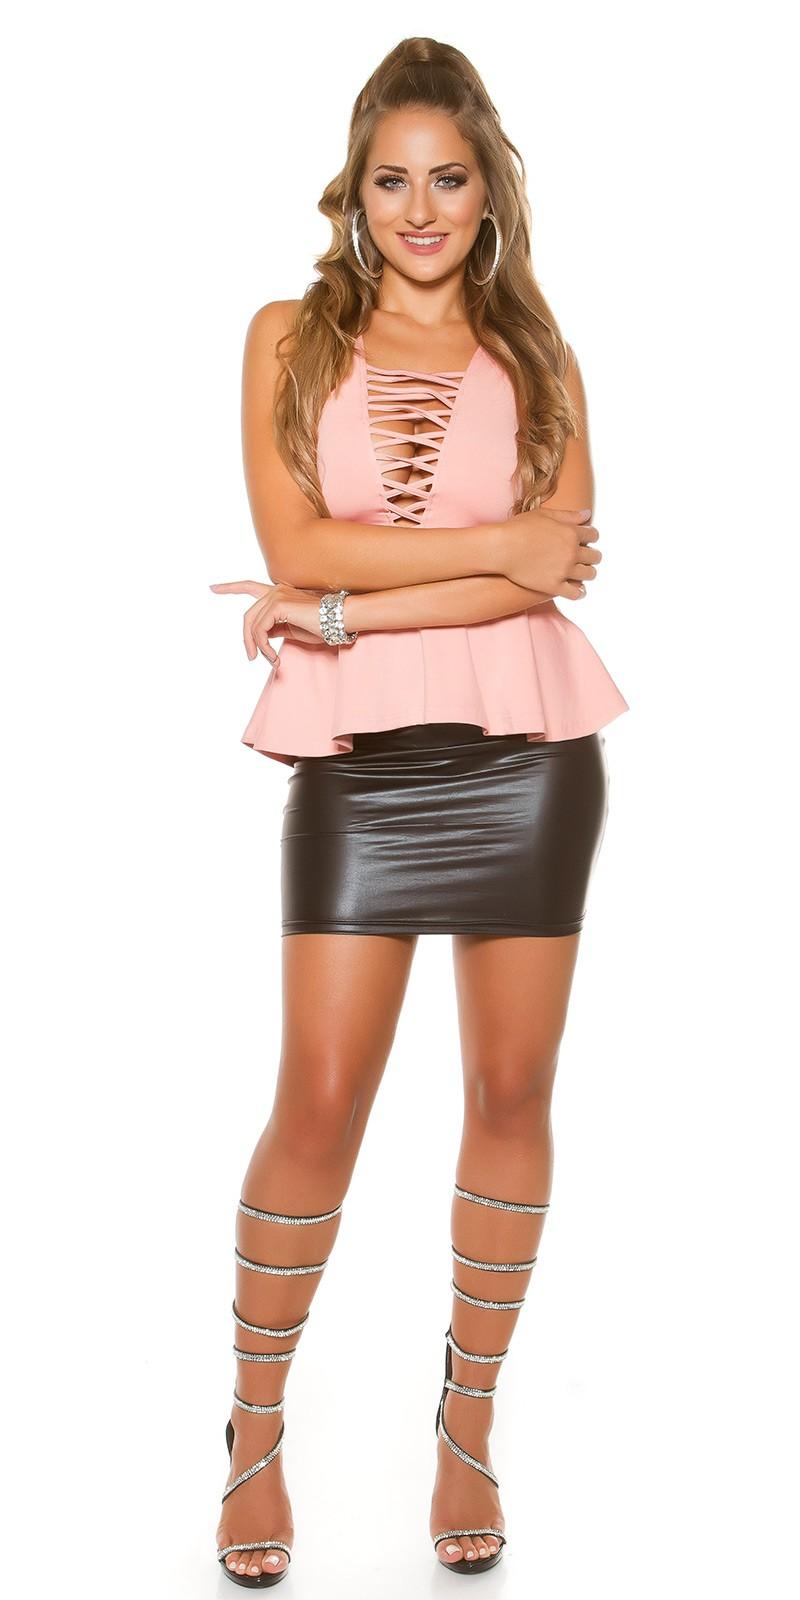 c3db926002 Peplum női felső fűzős dekoltázzsal - Antik (S/M). Az Ön értékelése: